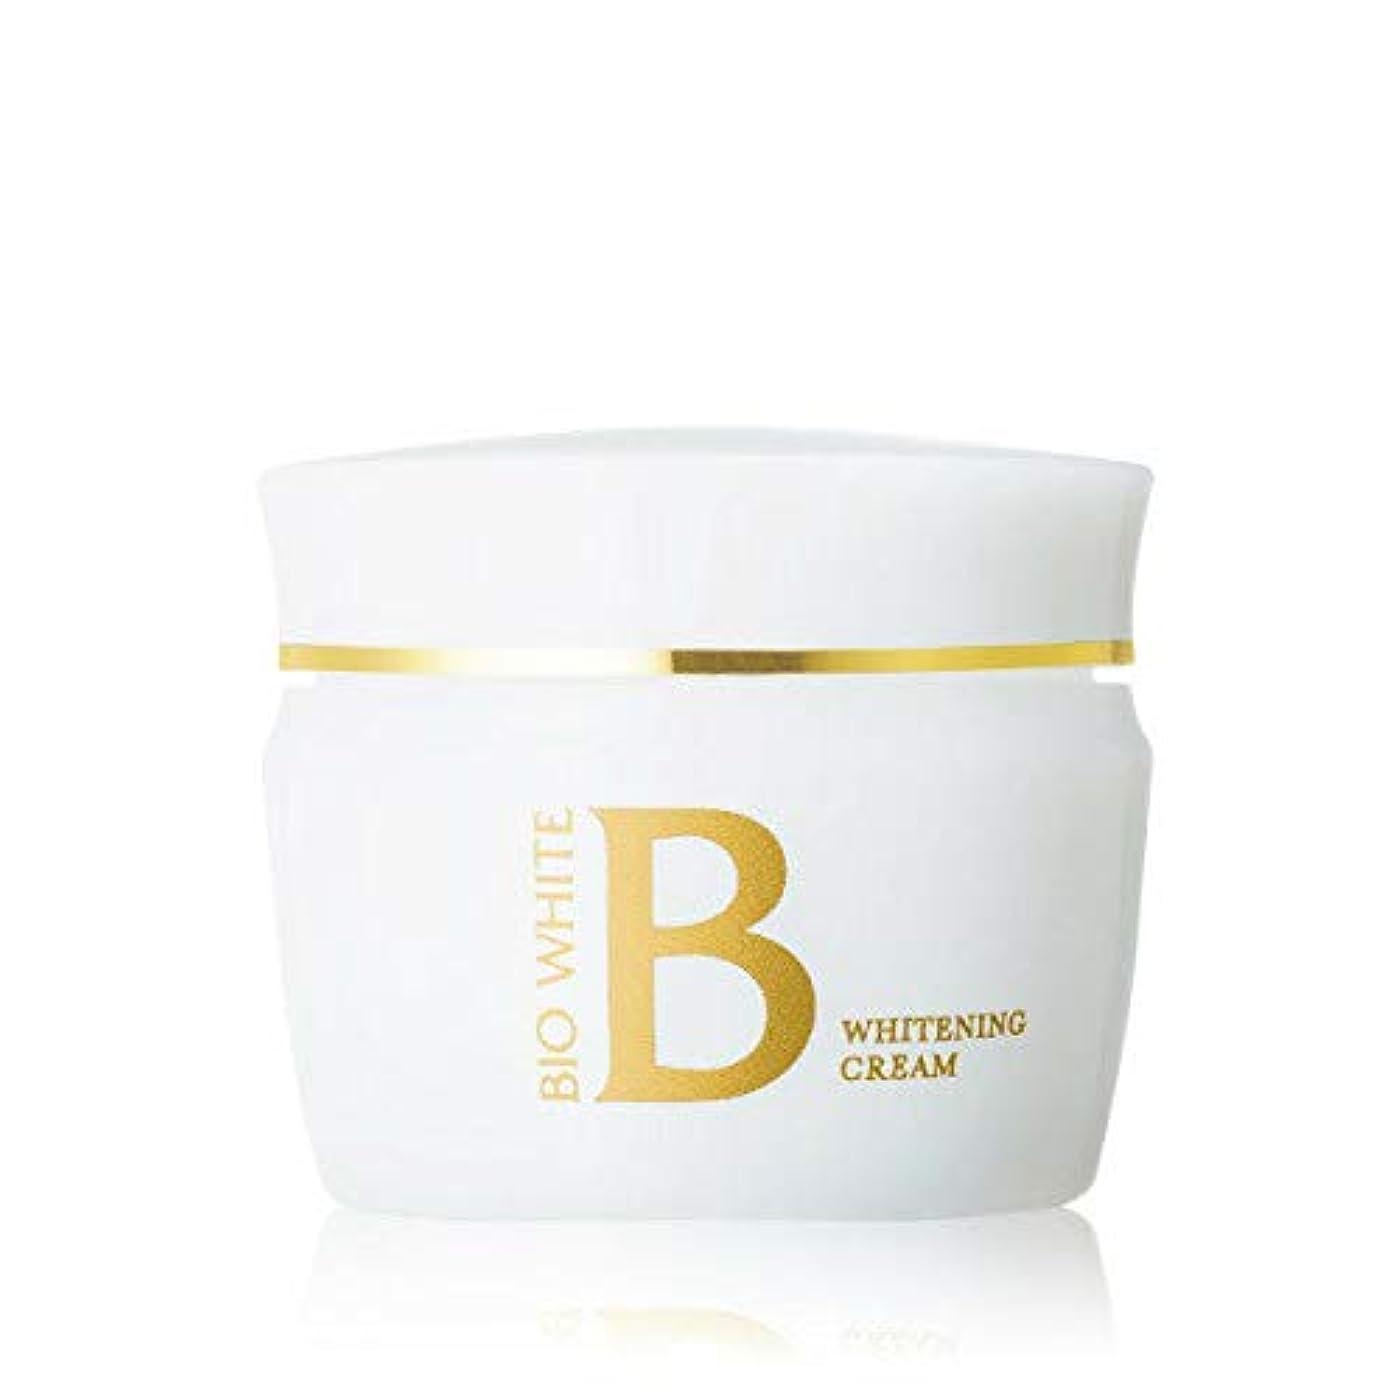 実装する不規則性コンバーチブルエビス化粧品(EBiS) エビス ビーホワイトクリーム 40g 美白クリーム トラネキサム酸 配合 医薬部外品